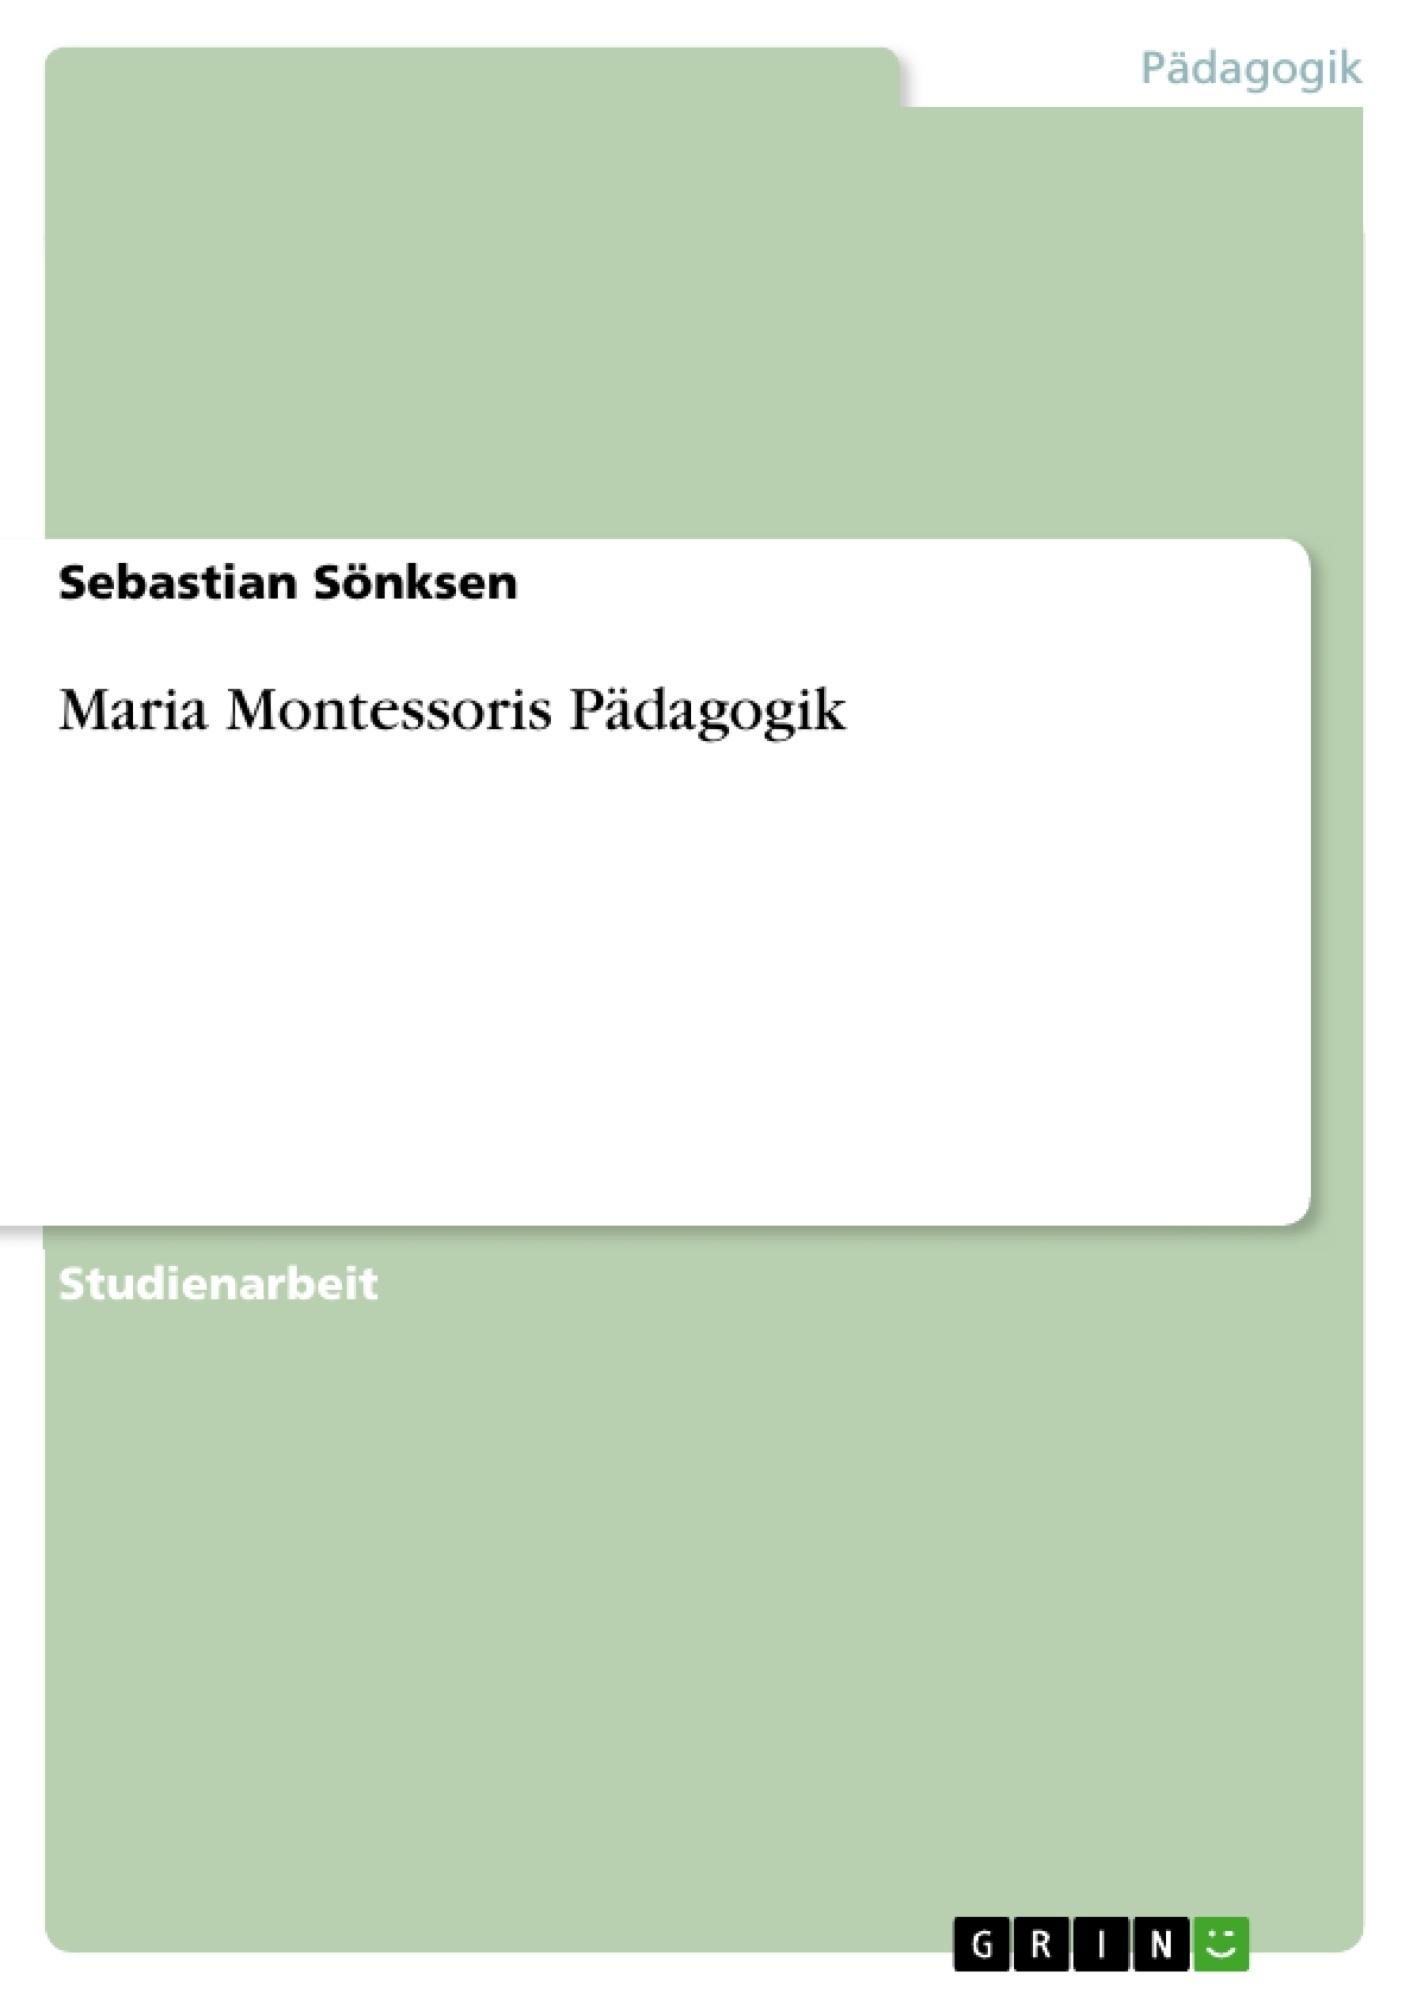 Titel: Maria Montessoris Pädagogik